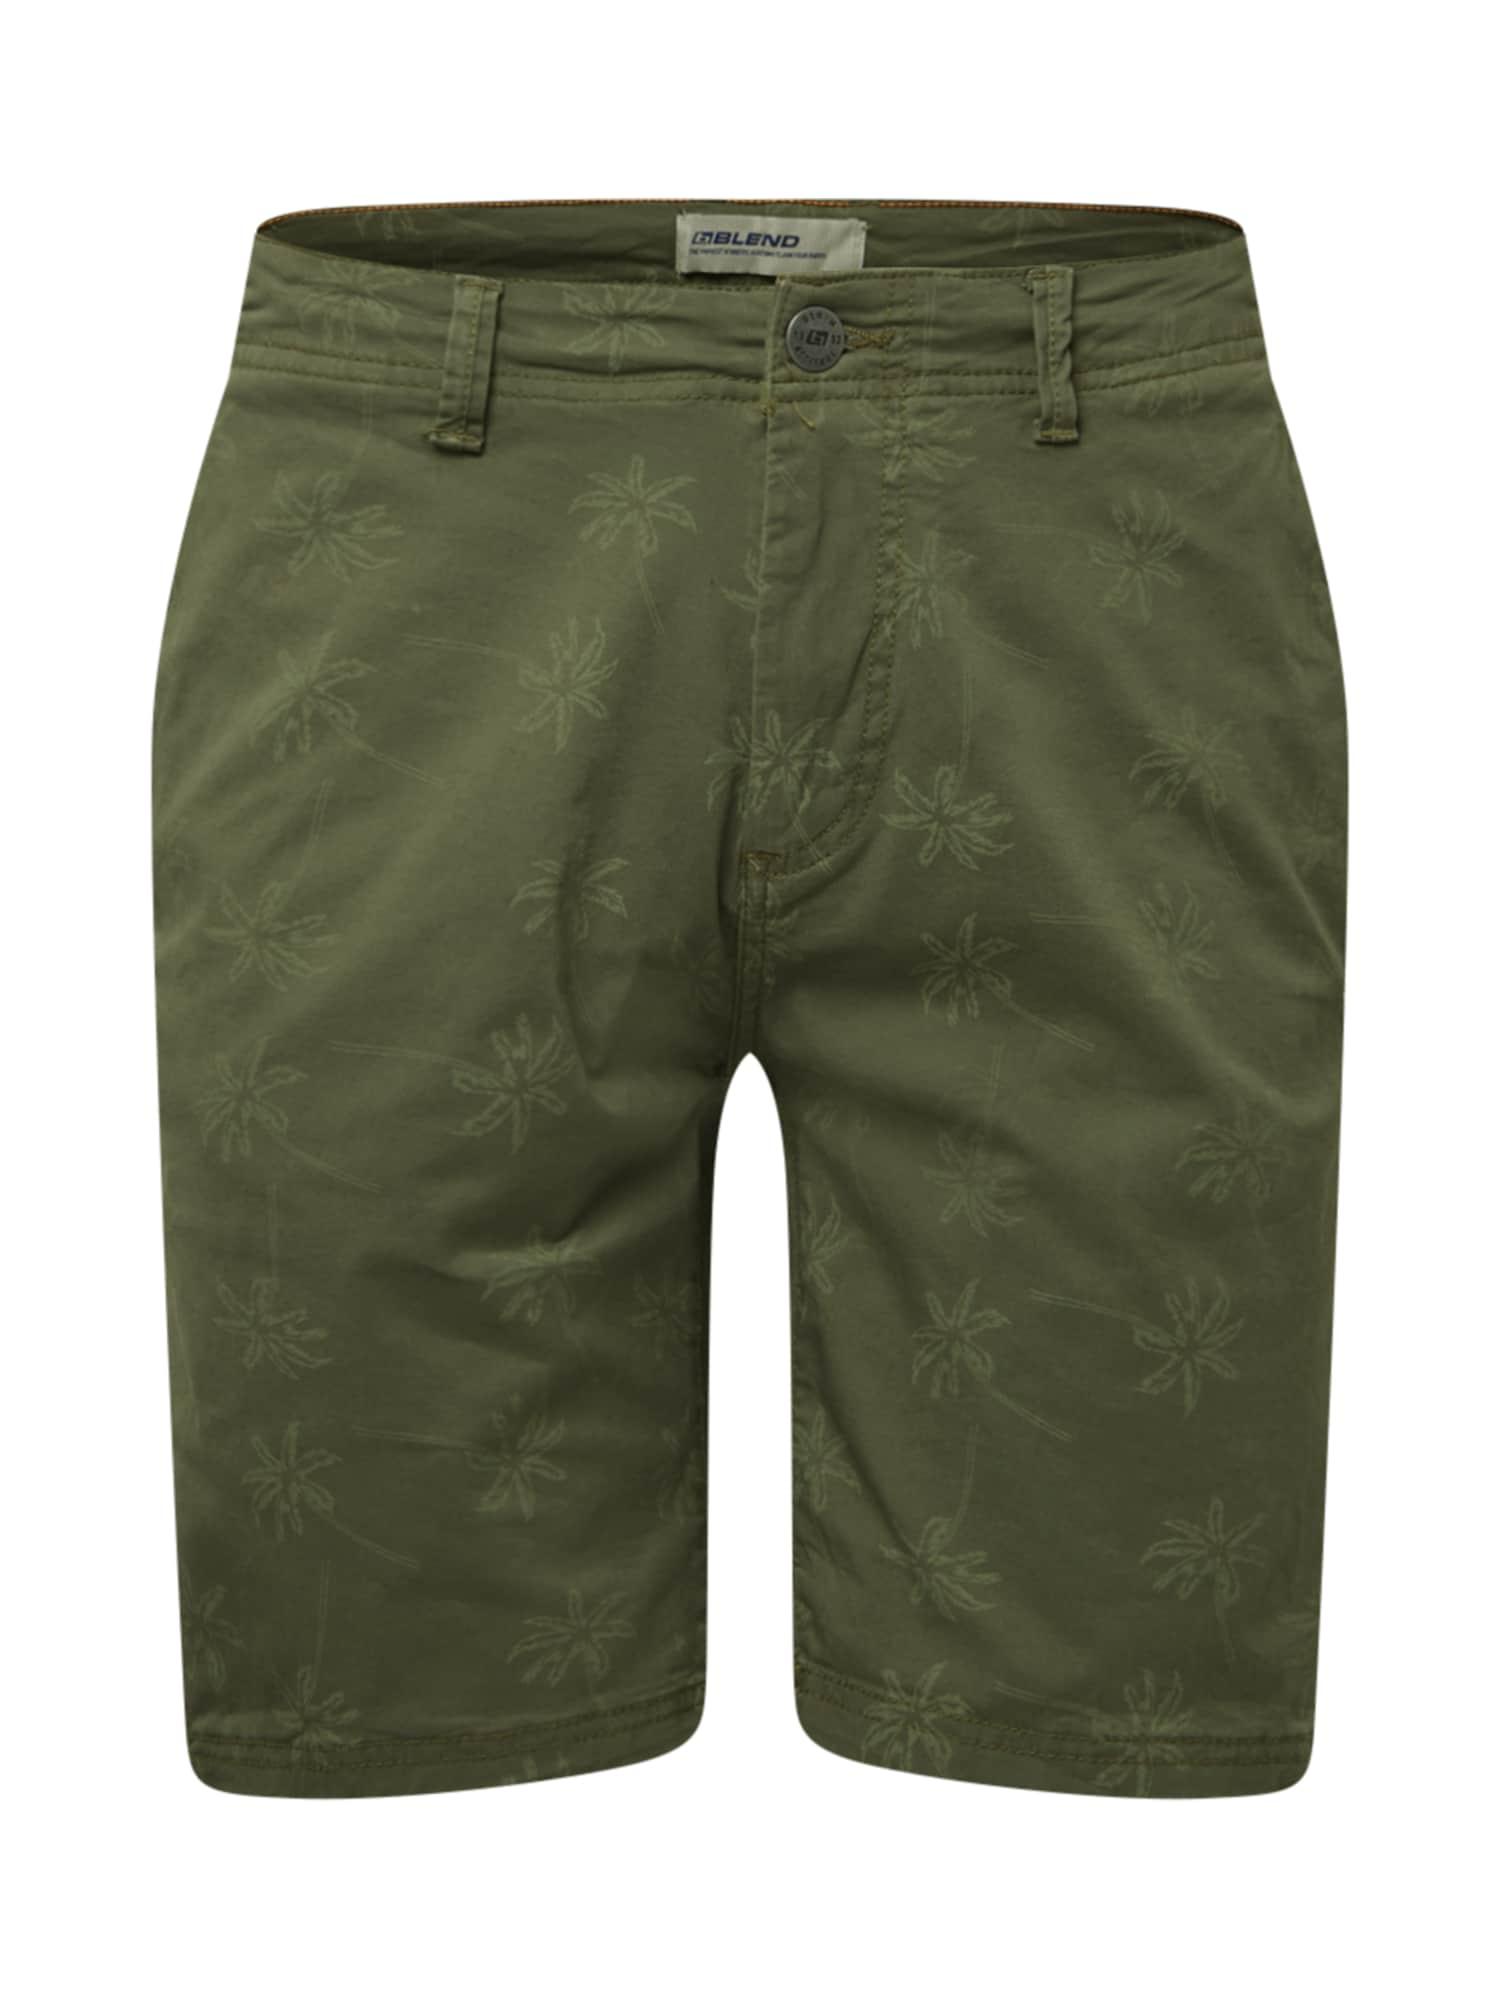 BLEND Kelnės mišrios spalvos / tamsiai žalia